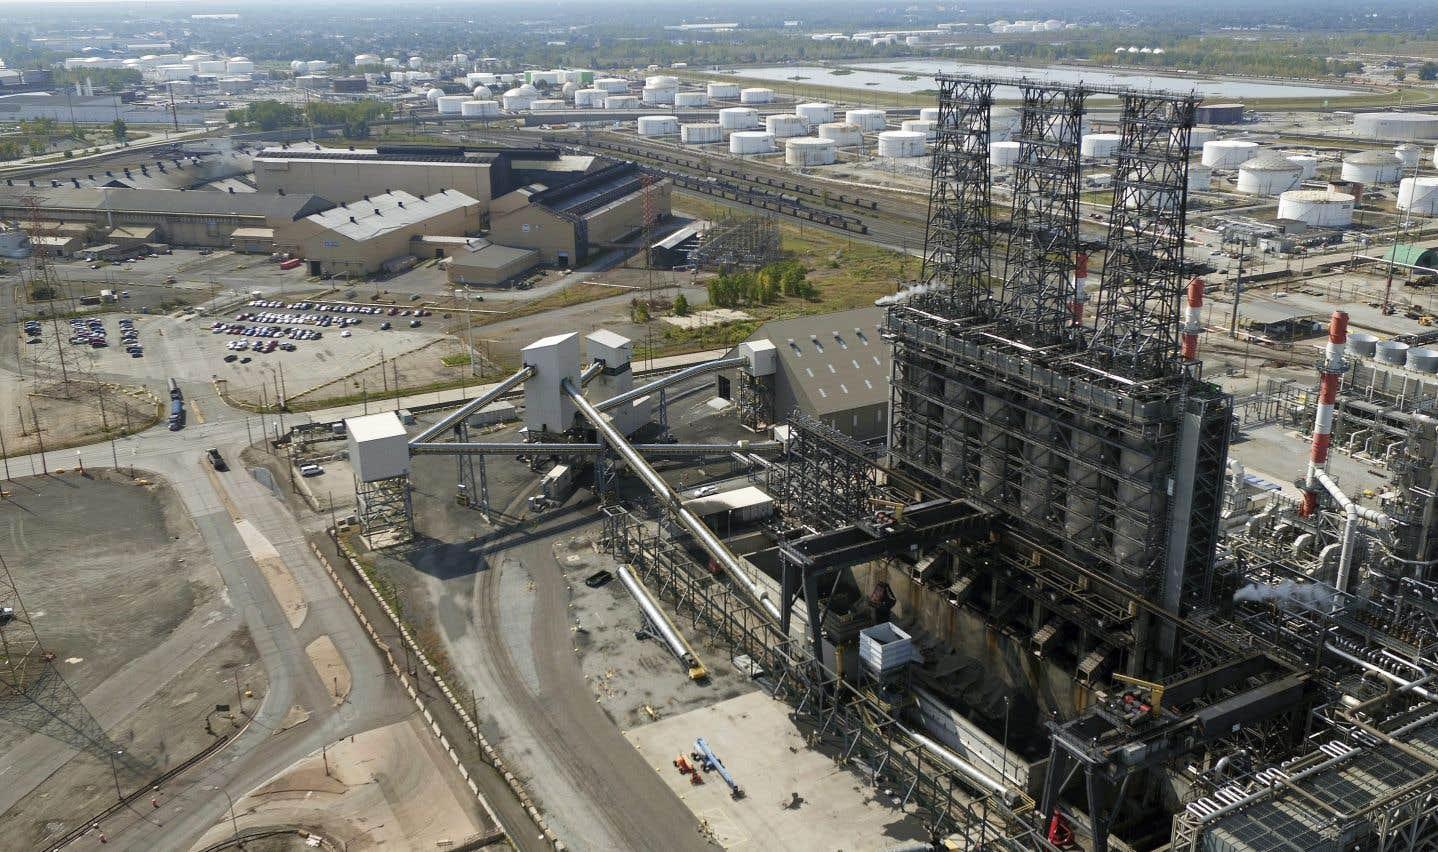 Une raffinerie de British Petroleum en Indiana. Le président Trump, qui a confié le ministère de l'Énergie à un climatosceptique, semble donner la priorité aux énergies fossiles.